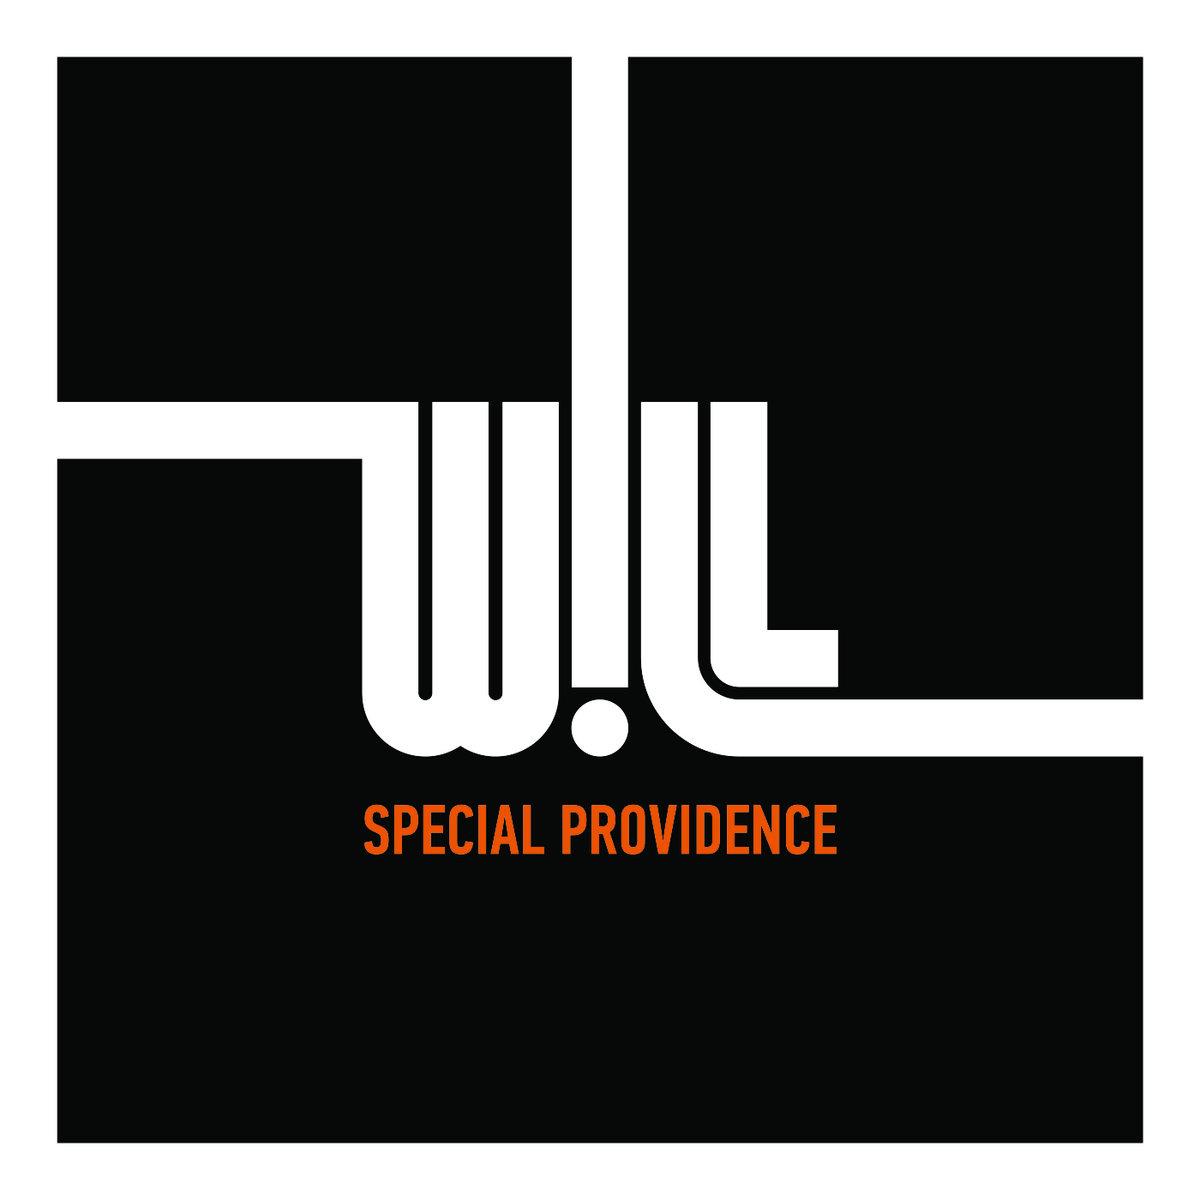 Special Providence - Will<br /><br />A Special Providence Magyarország egyik legmagasabban kvalifikált zenekara, akik nemrég hozták ki a legutóbbi nagylemezüket, a Willt. Az anyag igen veretes lett, minden komplexebb témákat szerető arcnak illendő legalább egyszer meghallgatnia.